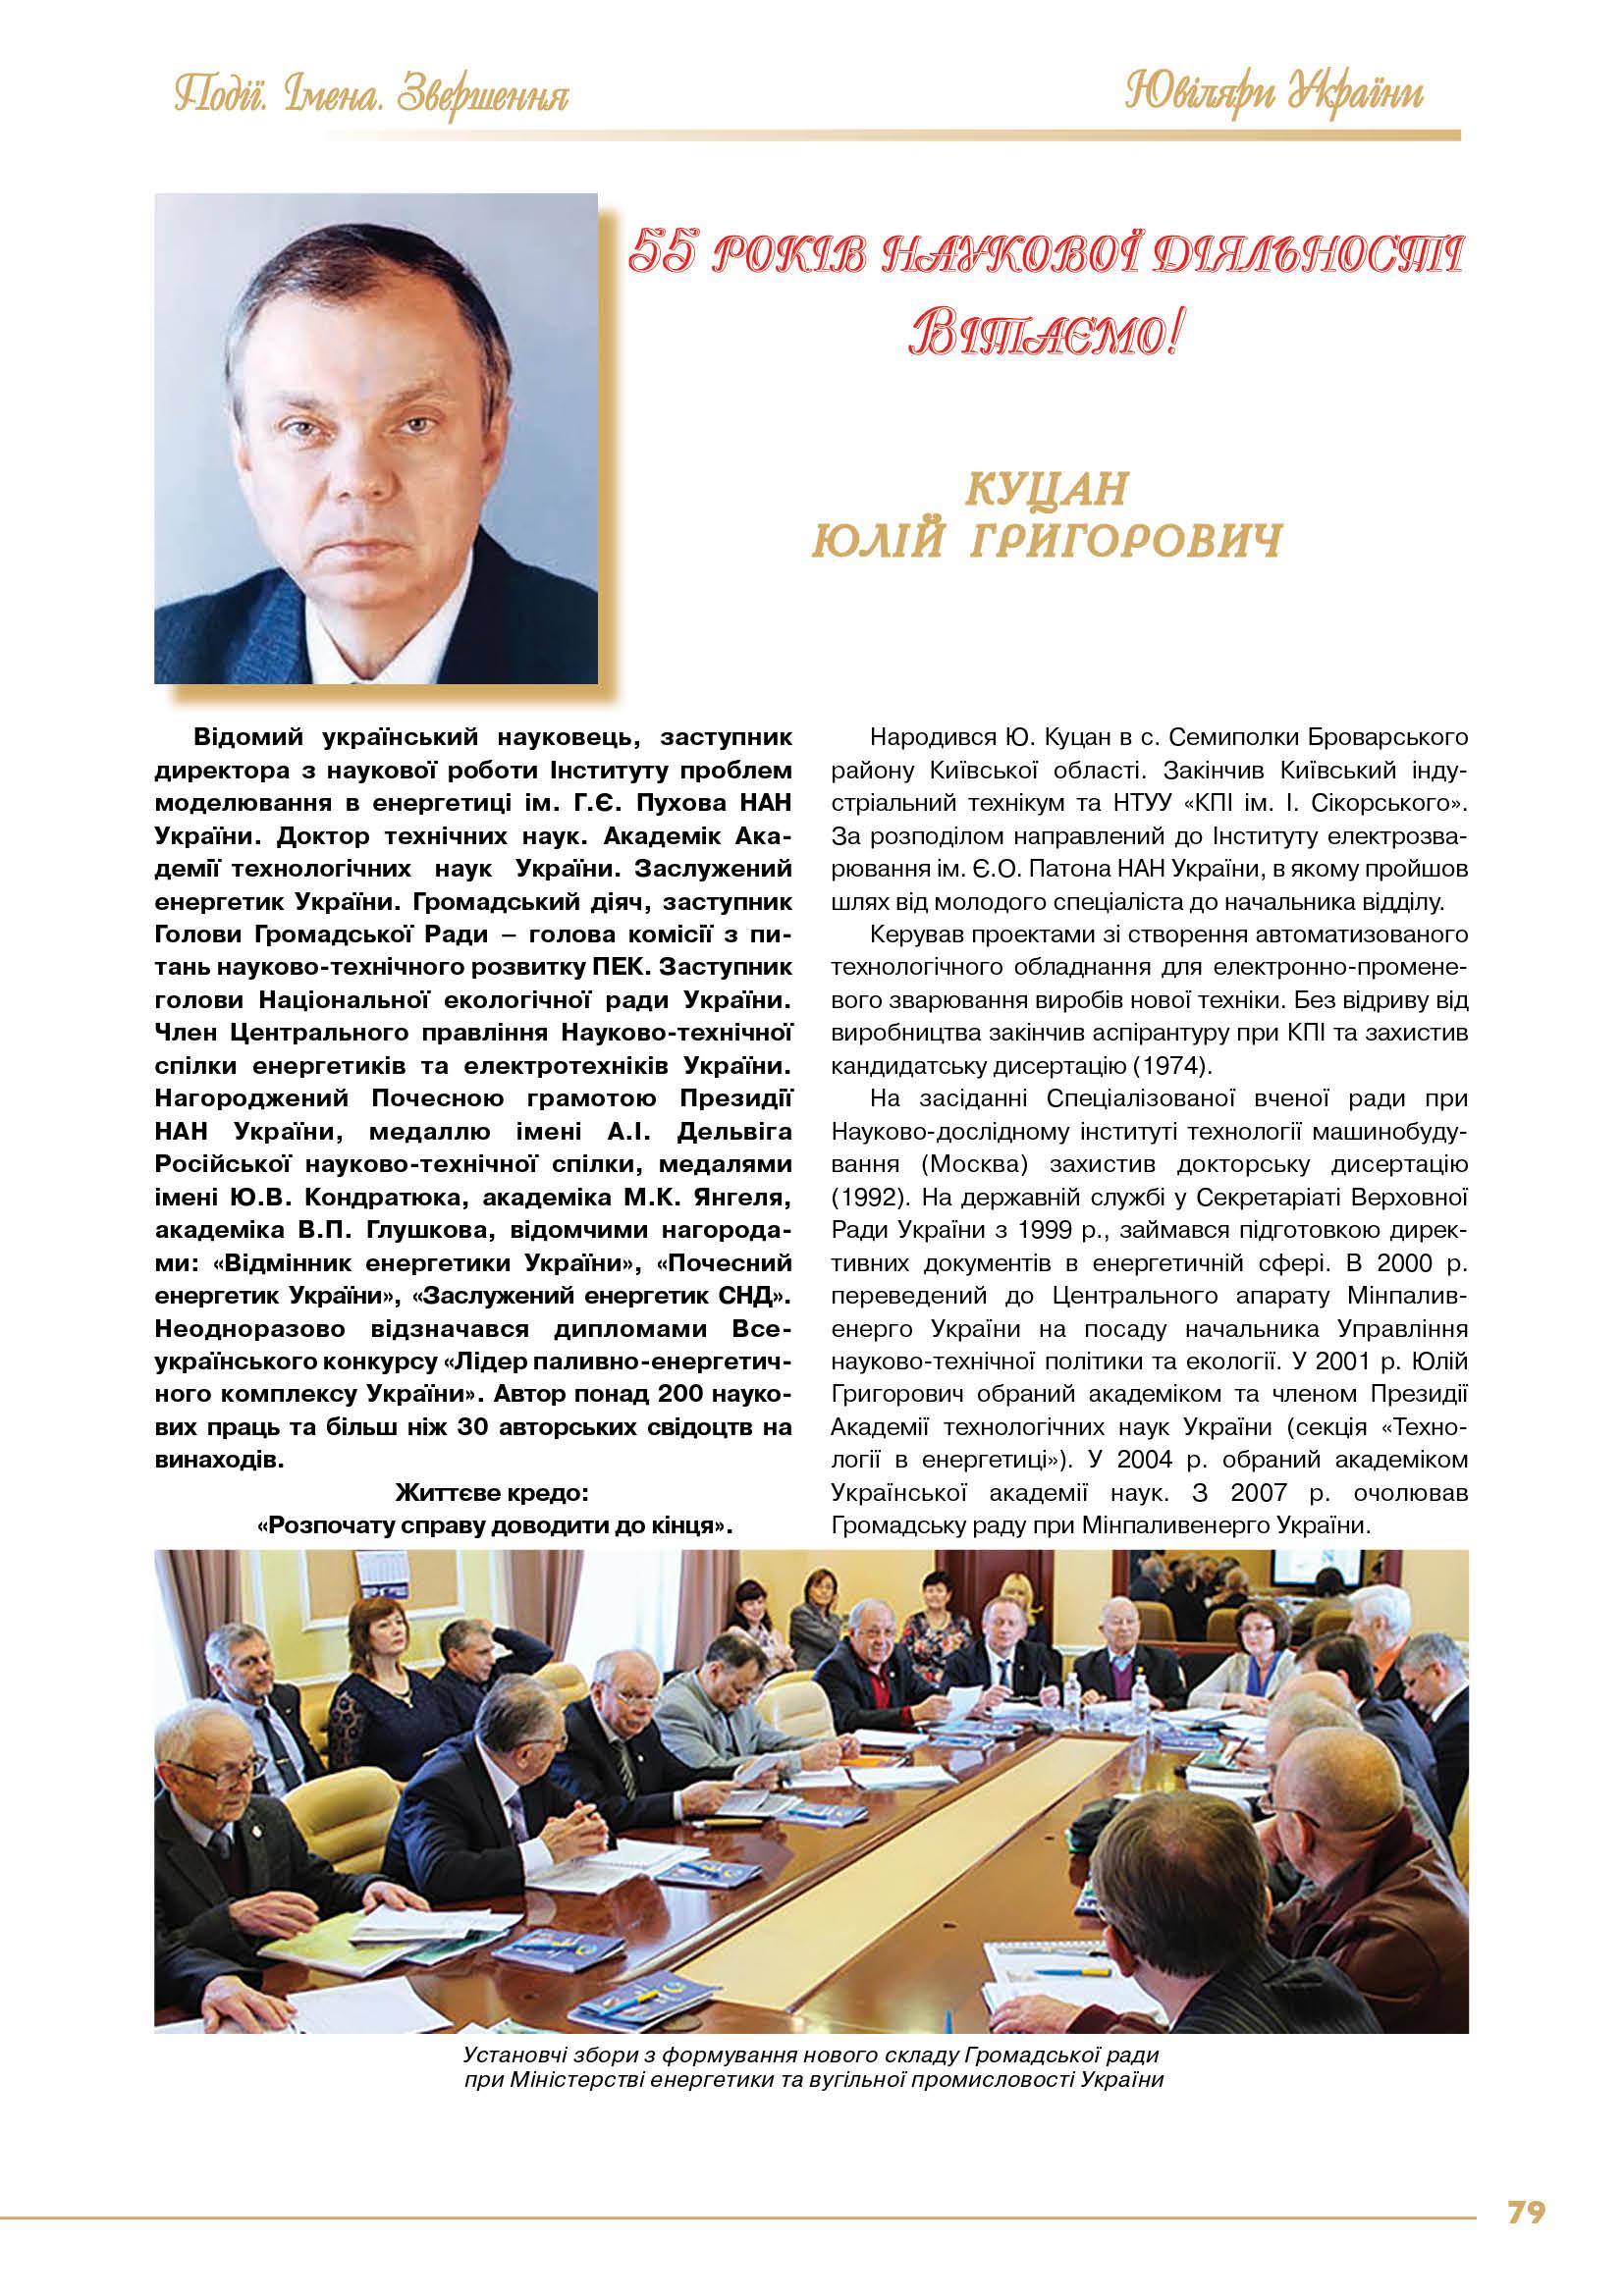 Куцан Юлій Григорович